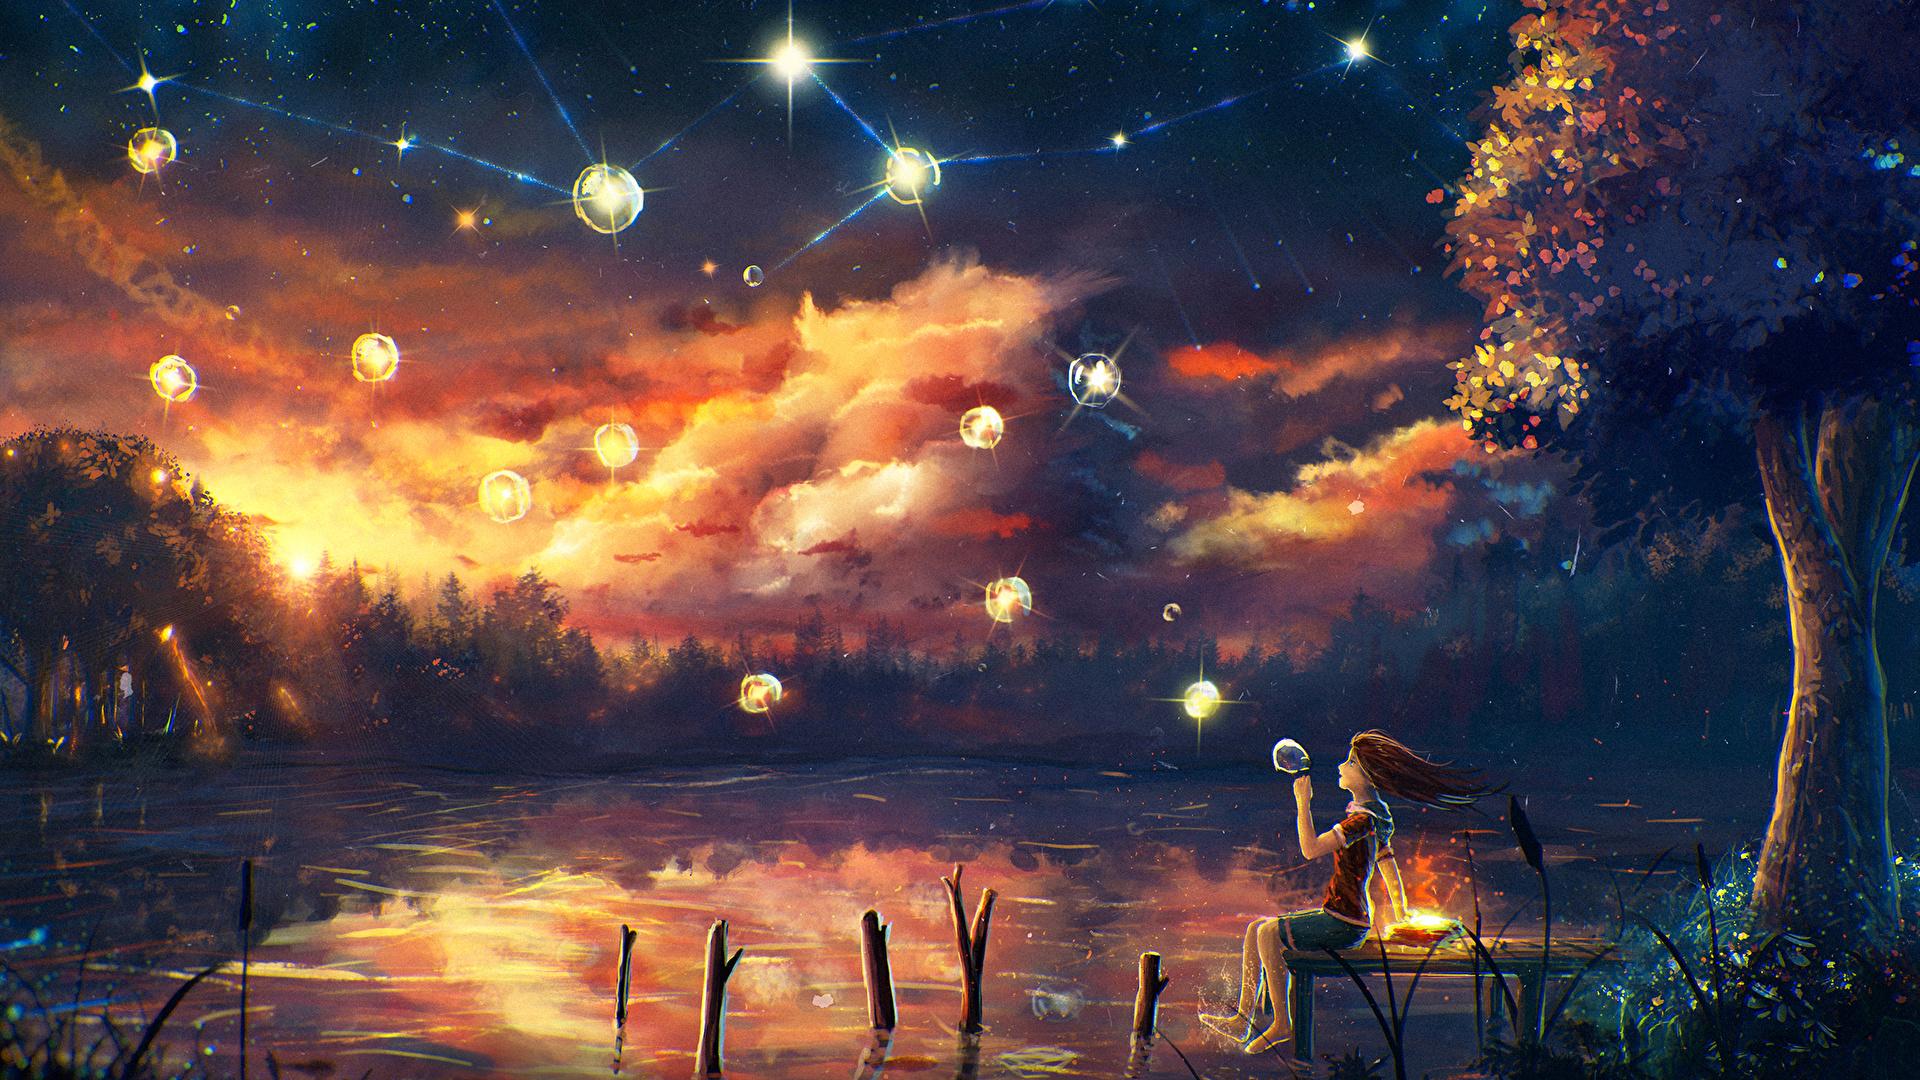 壁紙 1920x1080 幻想的な世界 池 空 木 小さな女の子 夜